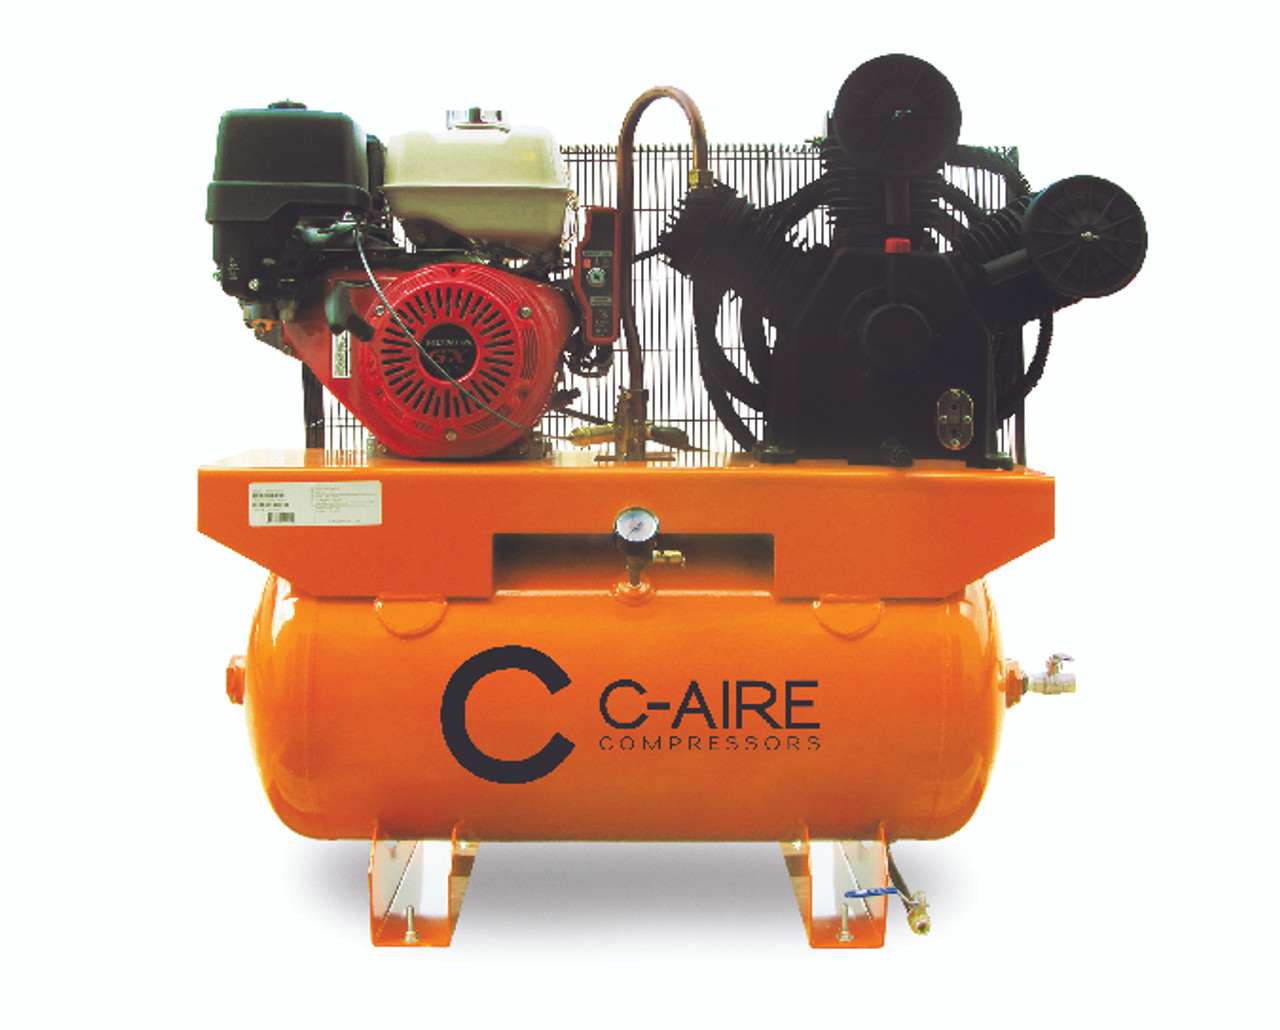 C-Aire A130H030-G 13 HP Honda Gas Drive 30 Gallon Air Compressor